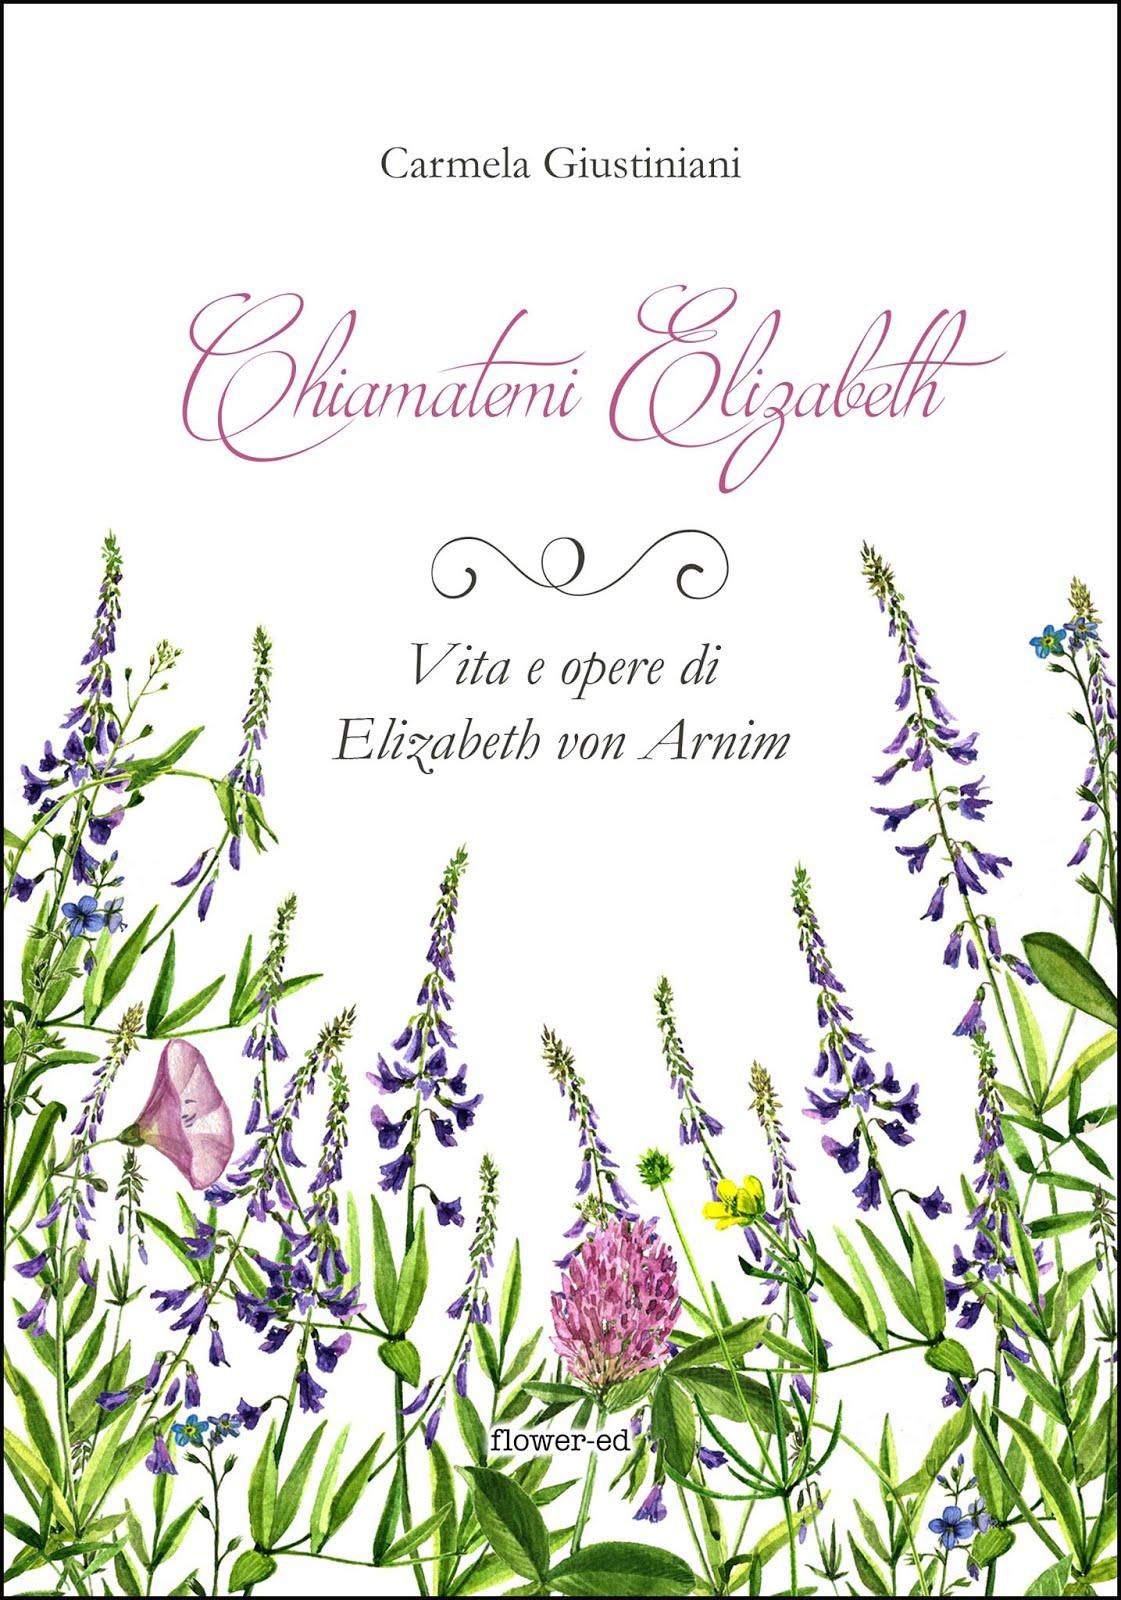 La mia biografia di Elizabeth von Arnim